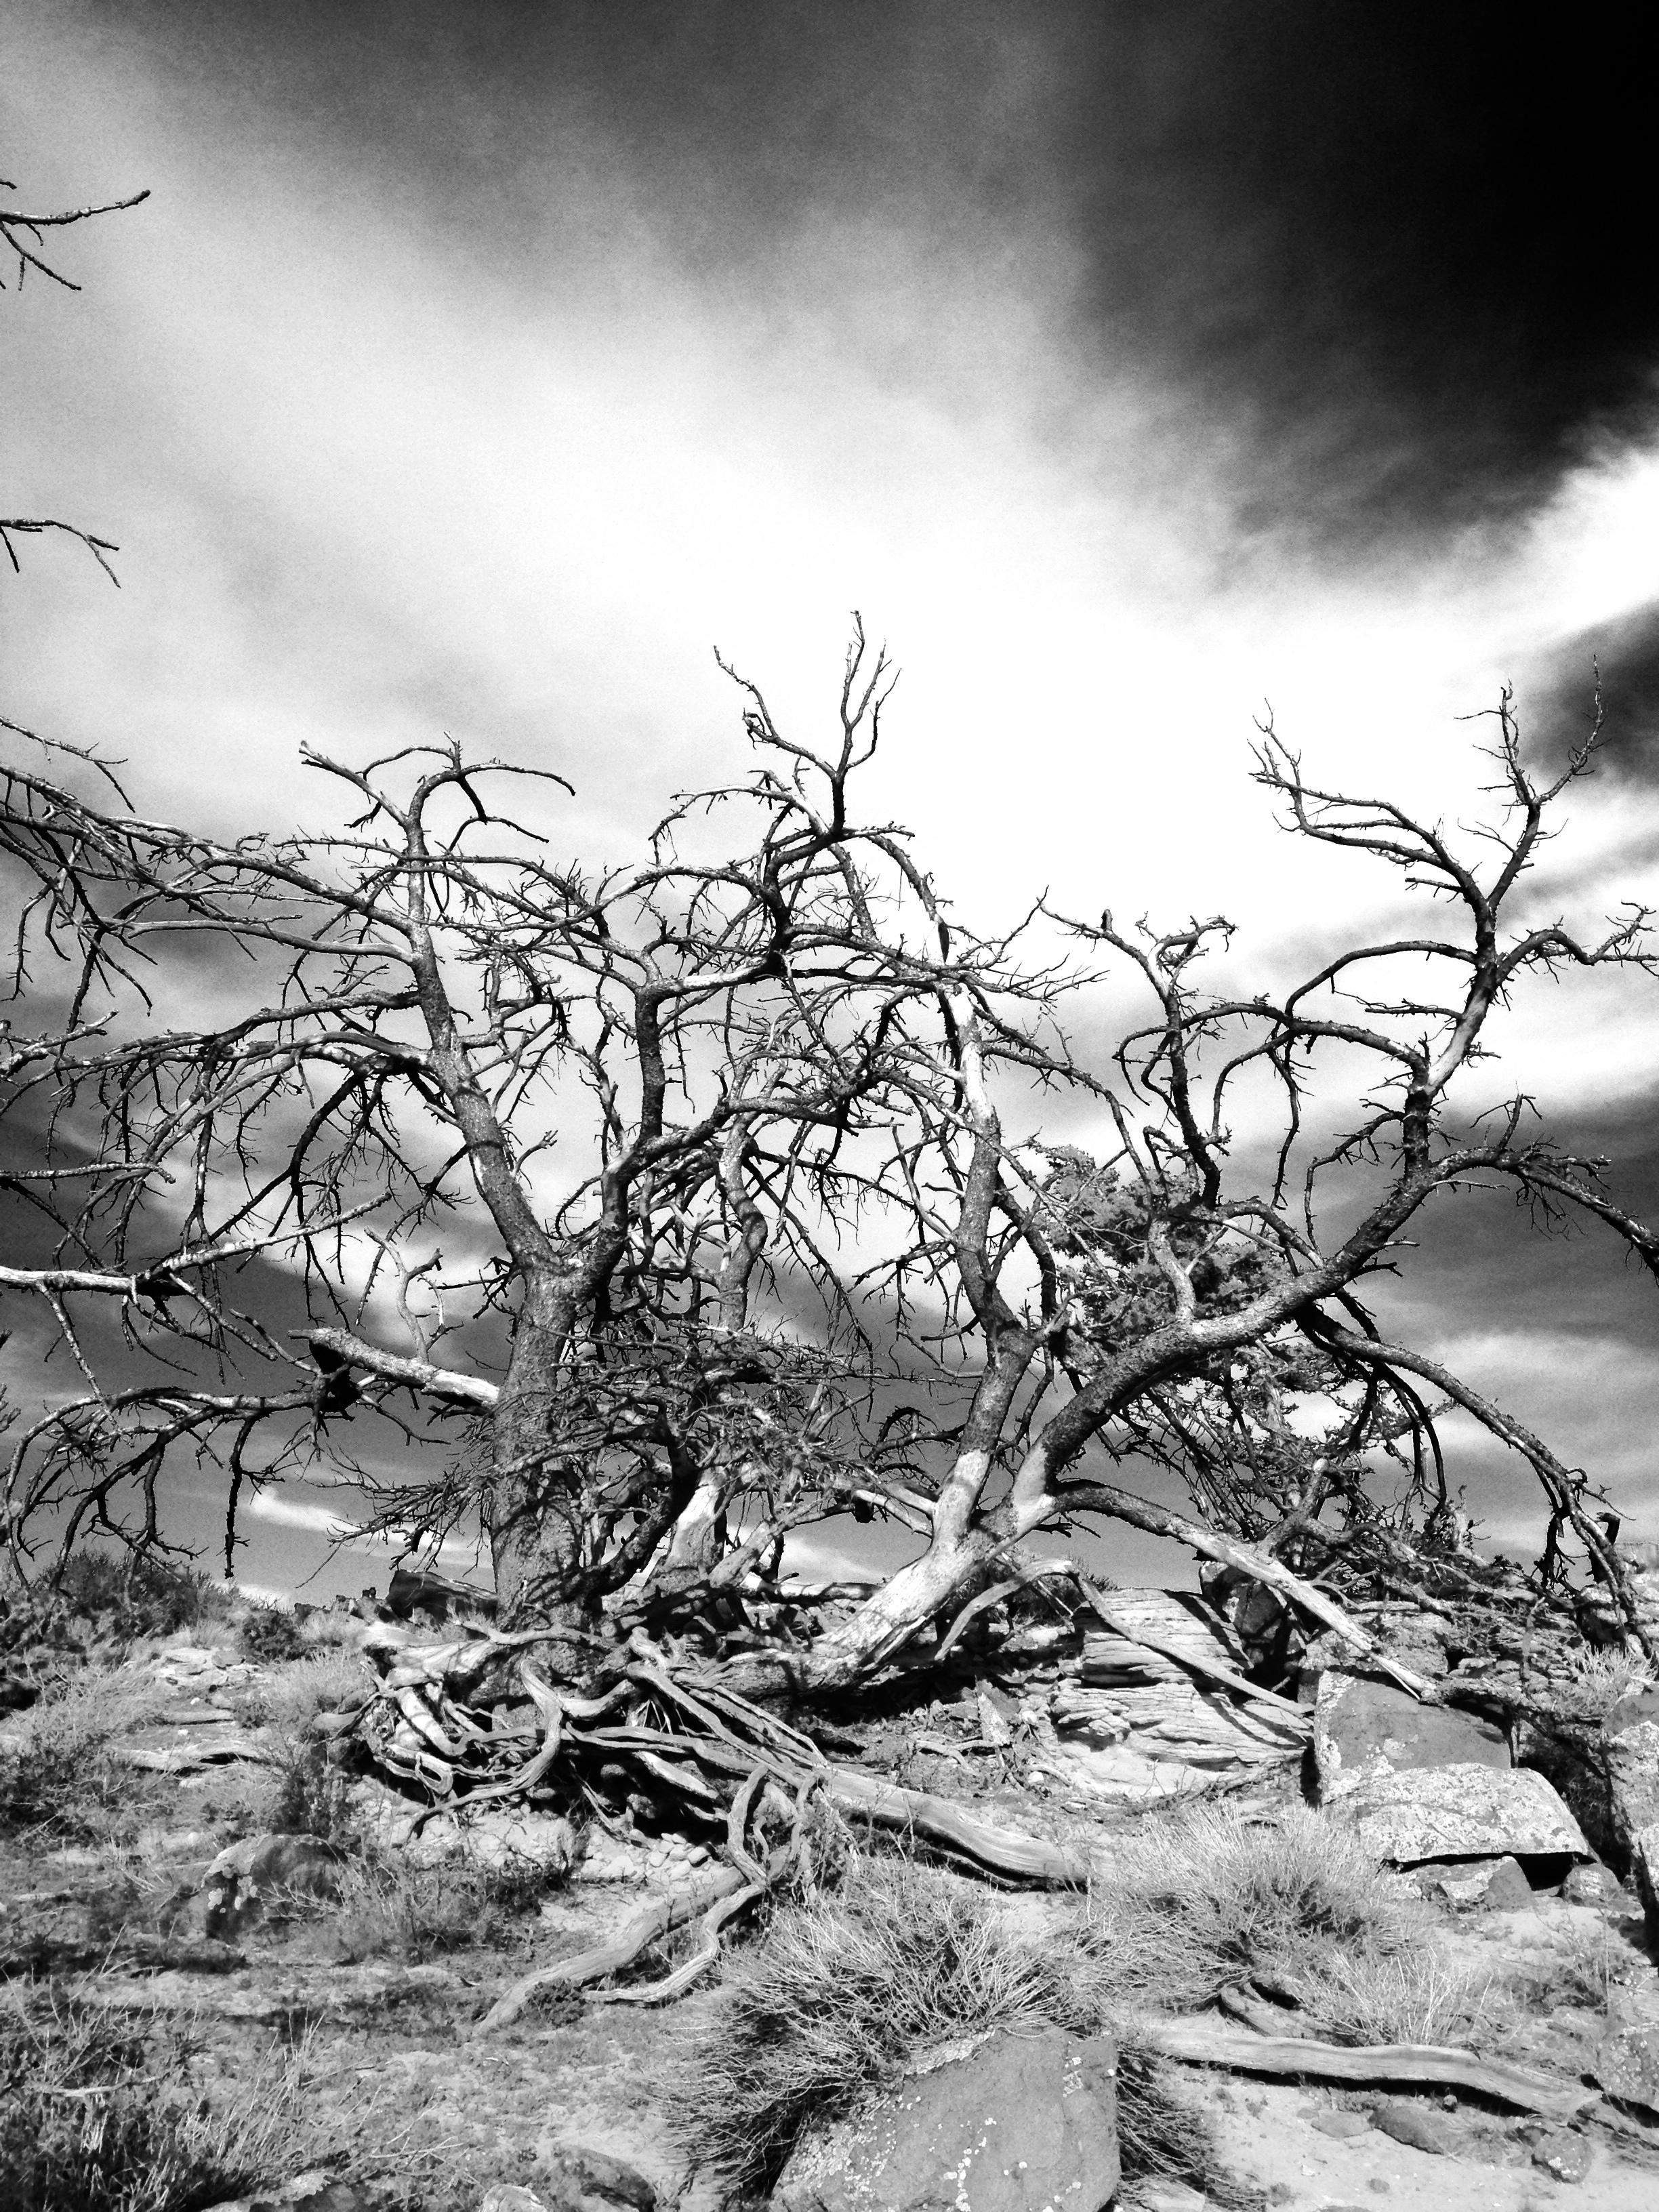 Tree struck by lightening, near China Wall, Wapiti, Wyoming, April, 16, 2017.